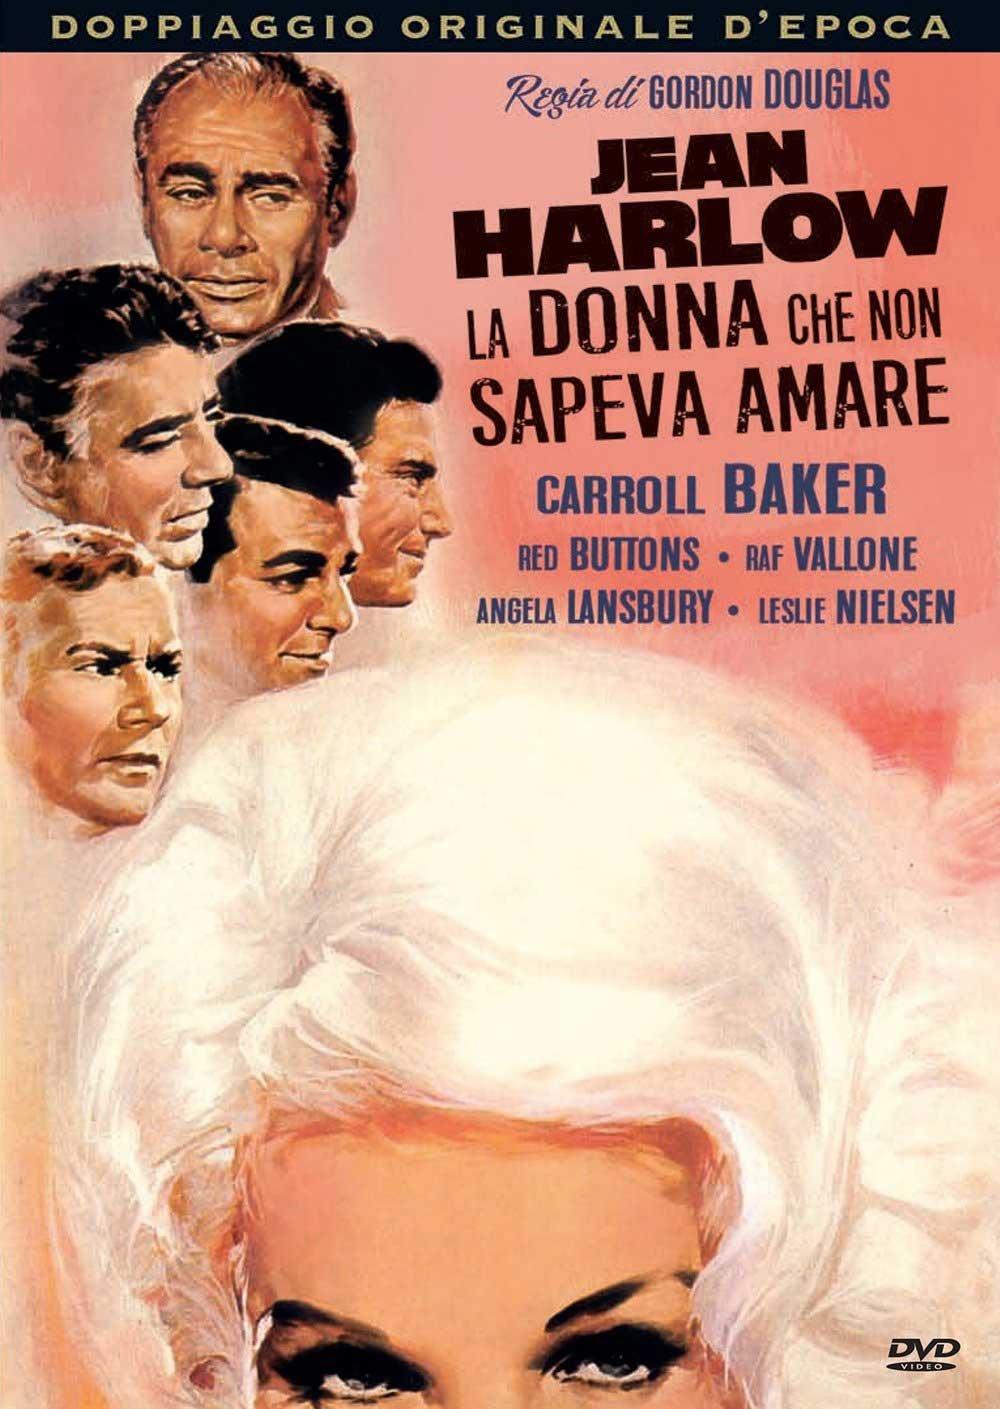 JEAN HARLOW, LA DONNA CHE NON SAPEVA AMARE (DVD)